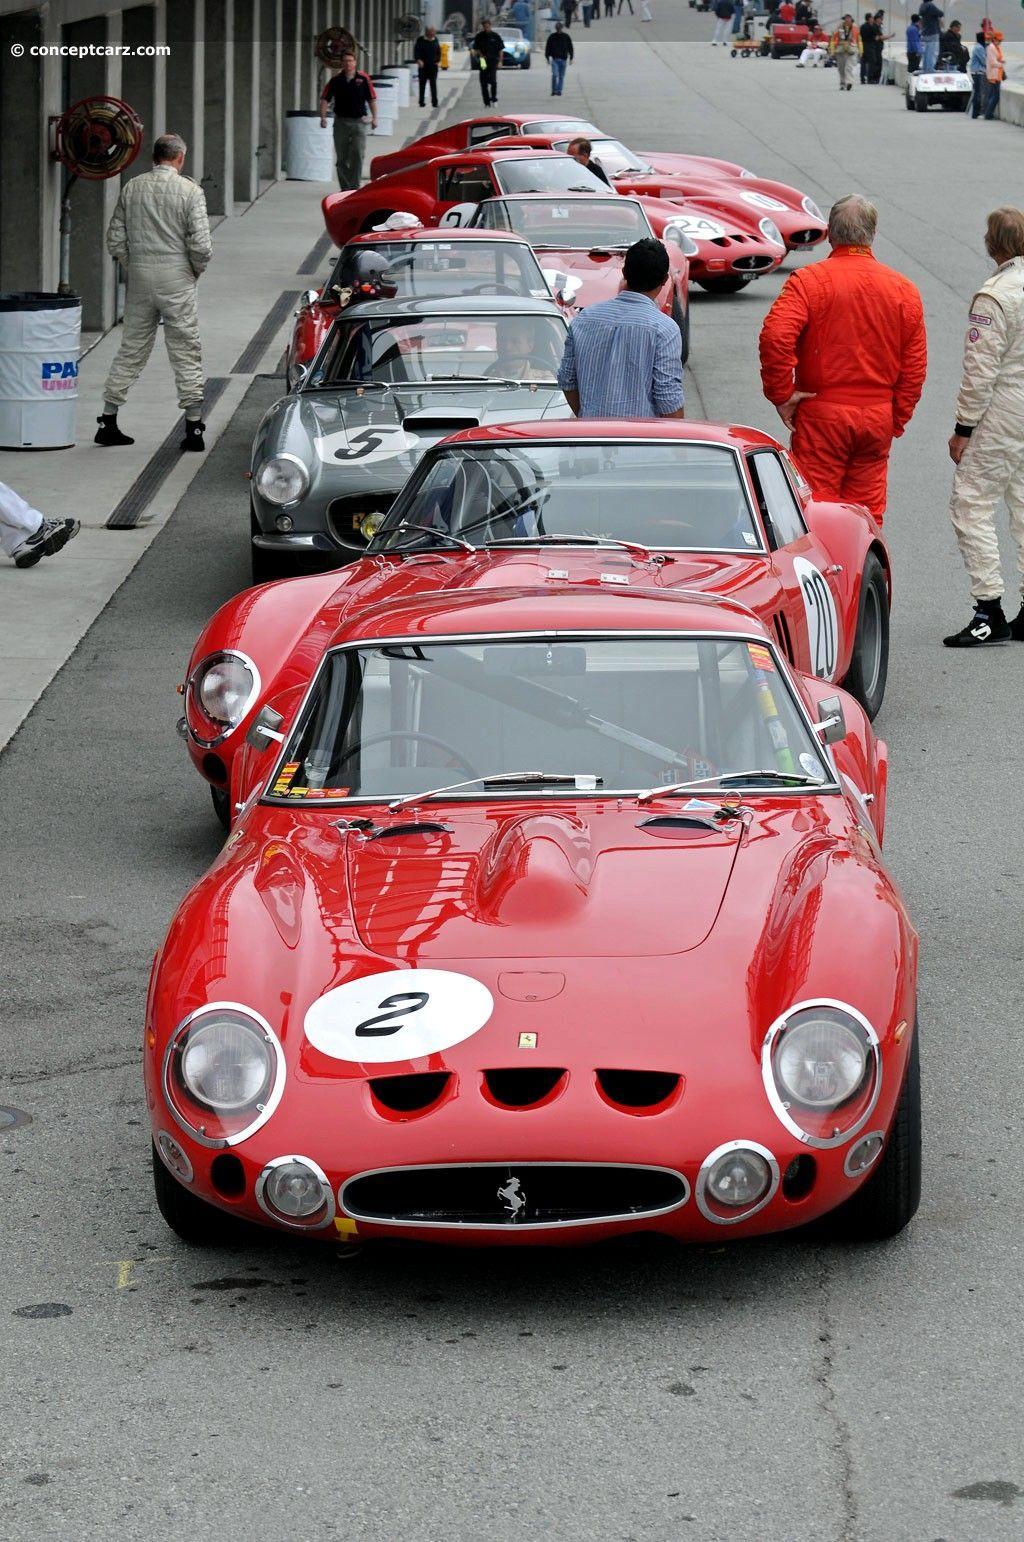 39+ Ferrari Gto Wallpaper Hd  PNG